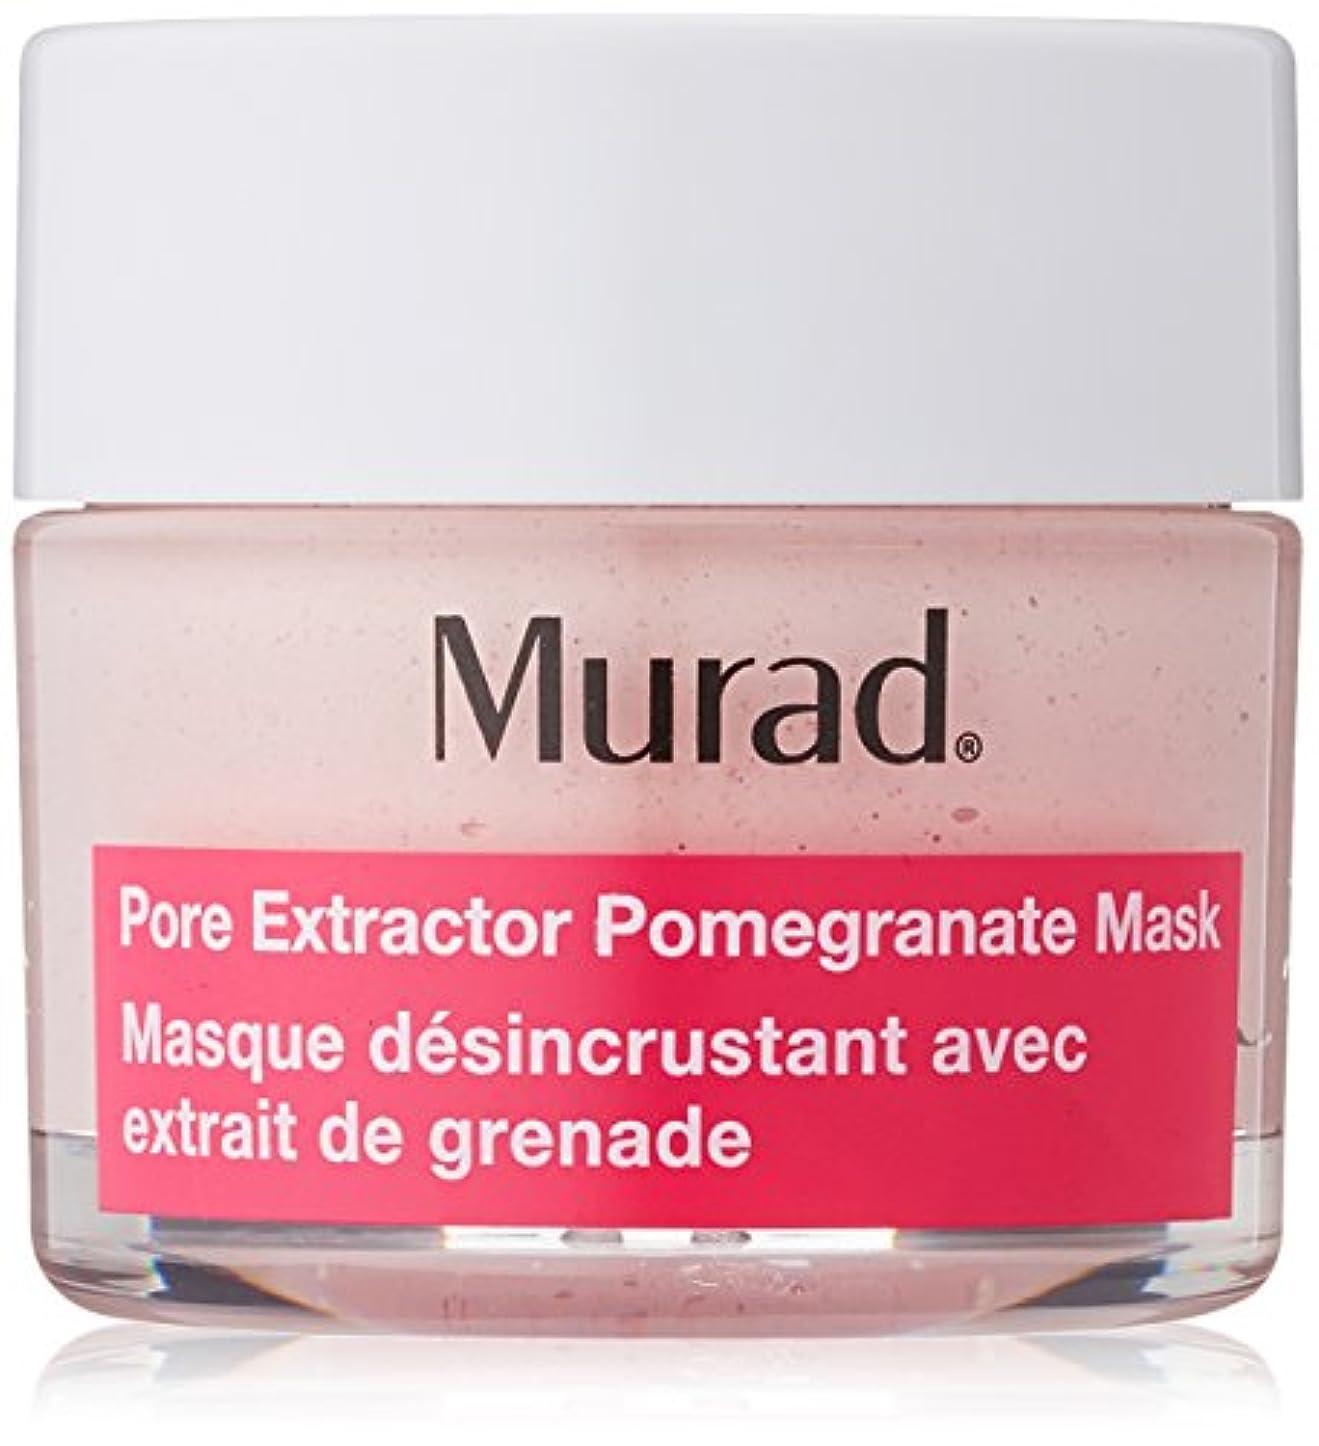 単位質素な架空のMurad ポアエクストラクター ざくろマスク、1.7 オンス (50 ml)